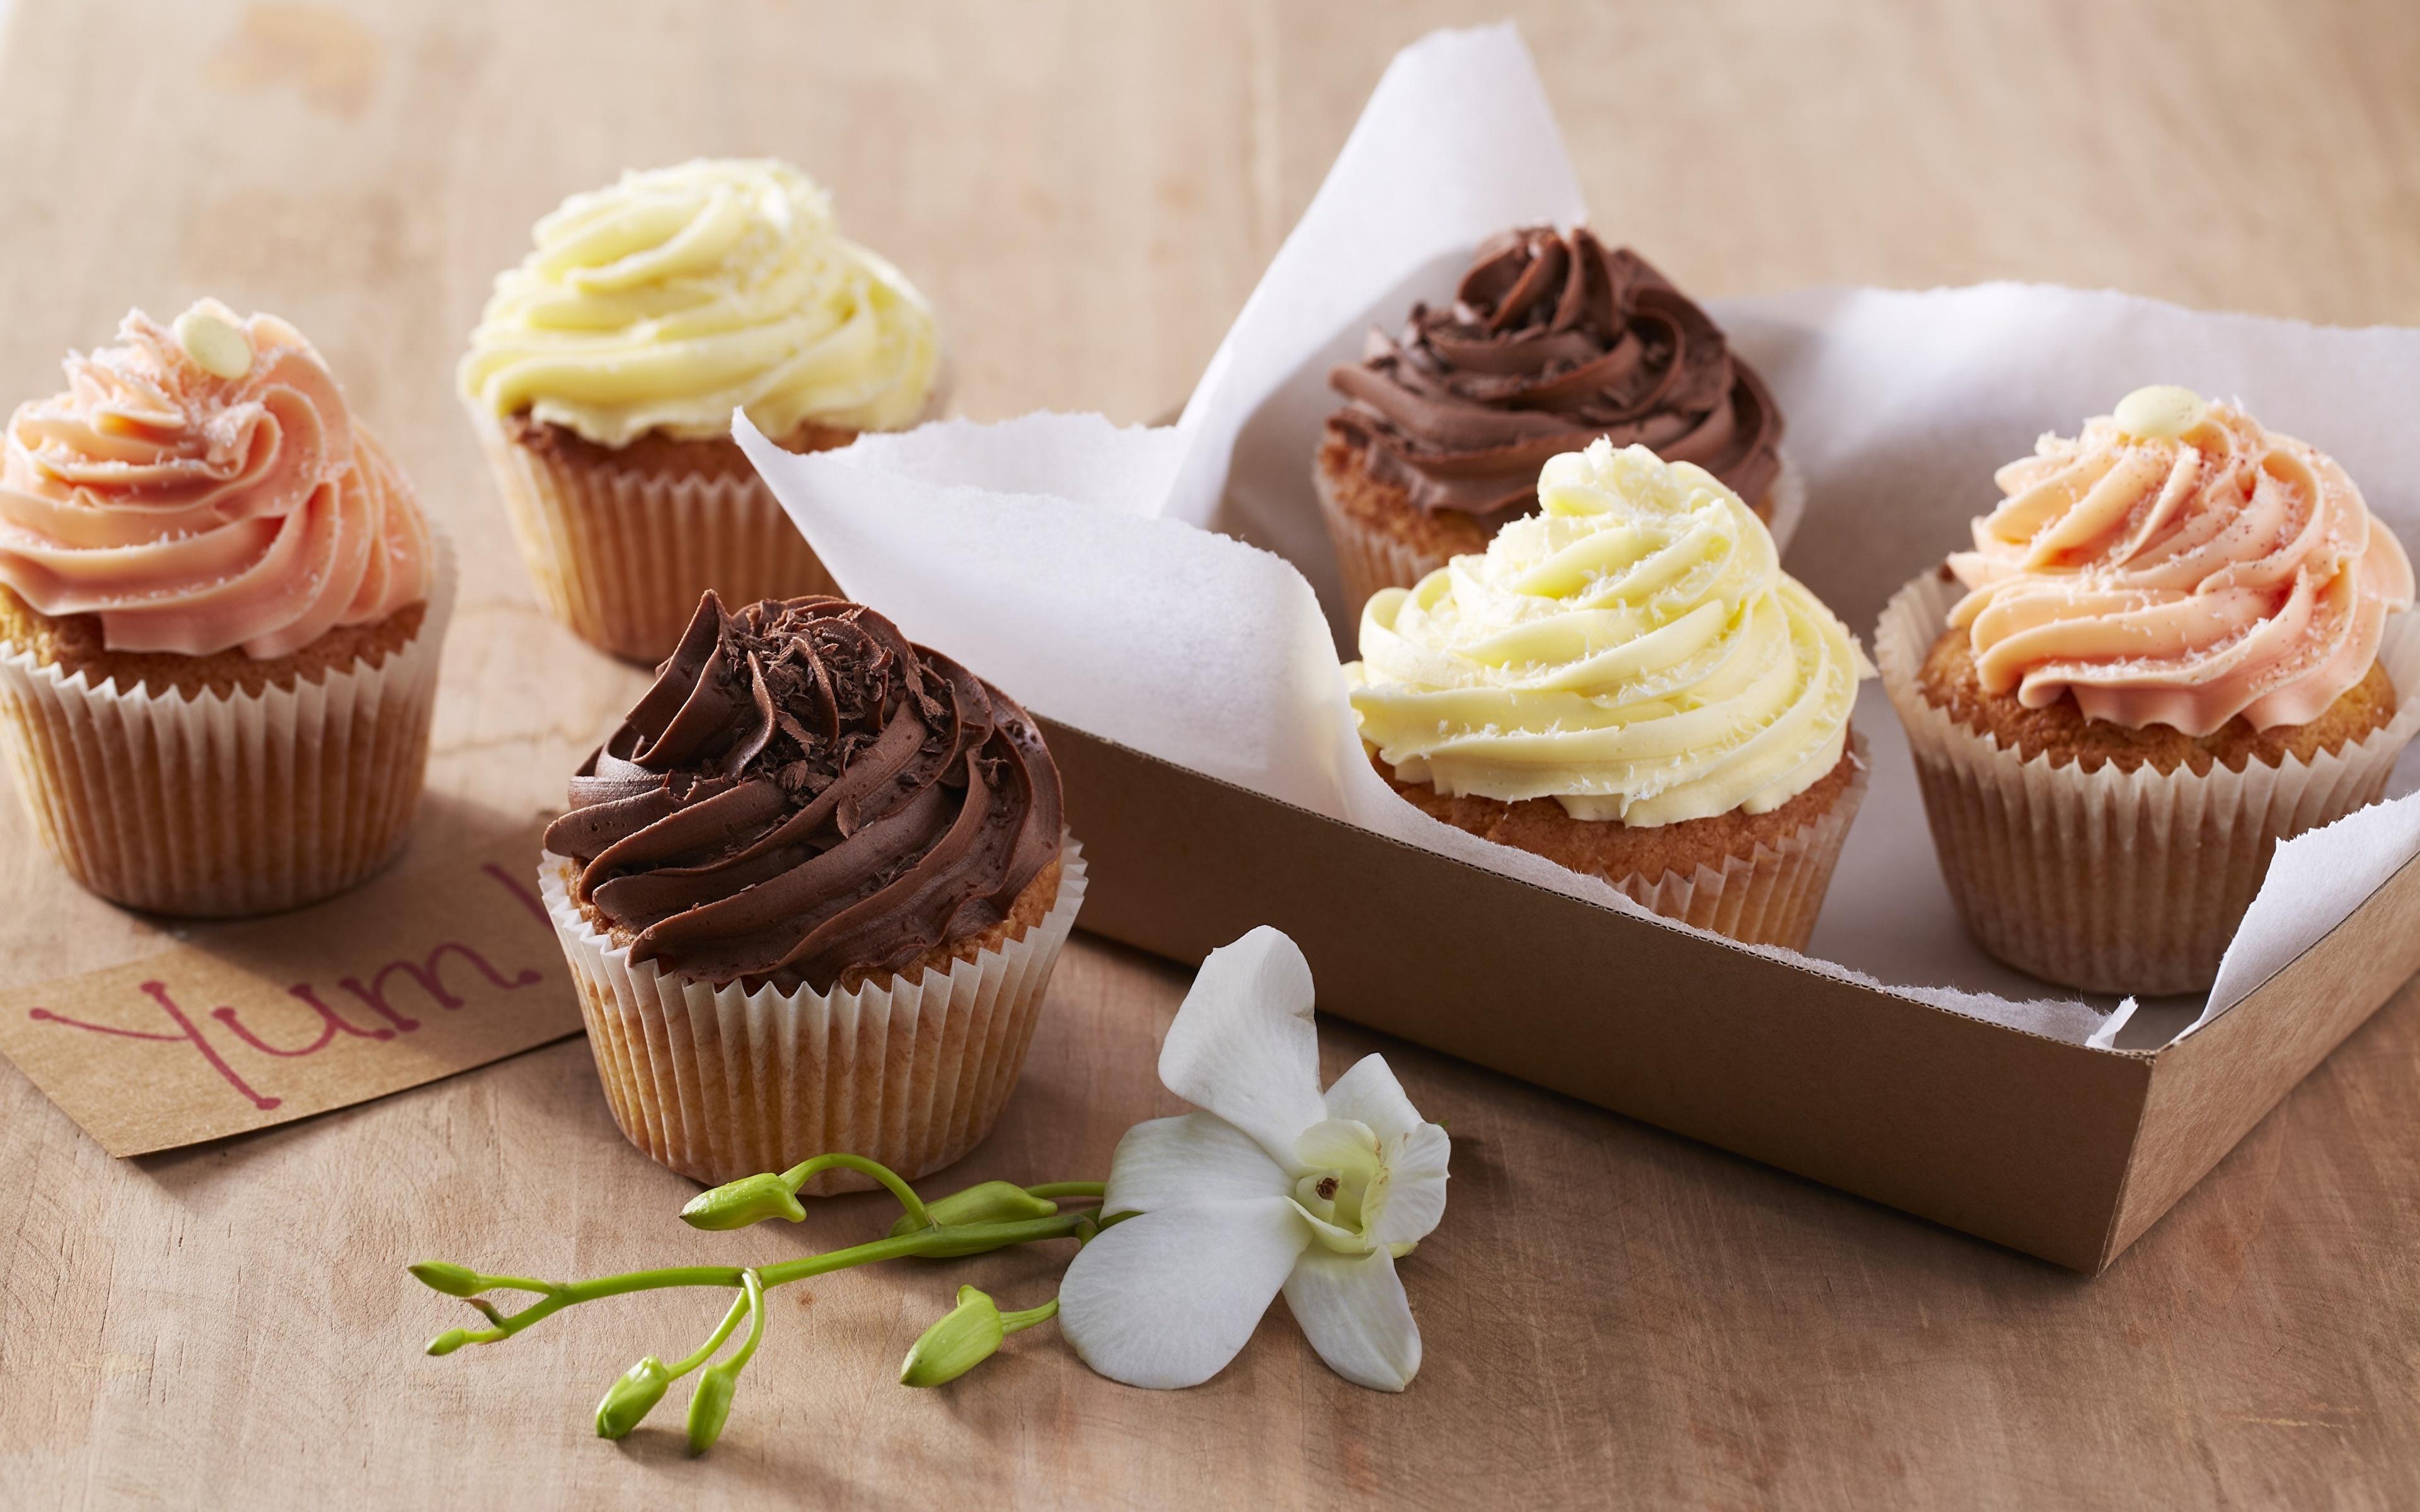 кексы пирожное cupcakes cake  № 132263 без смс